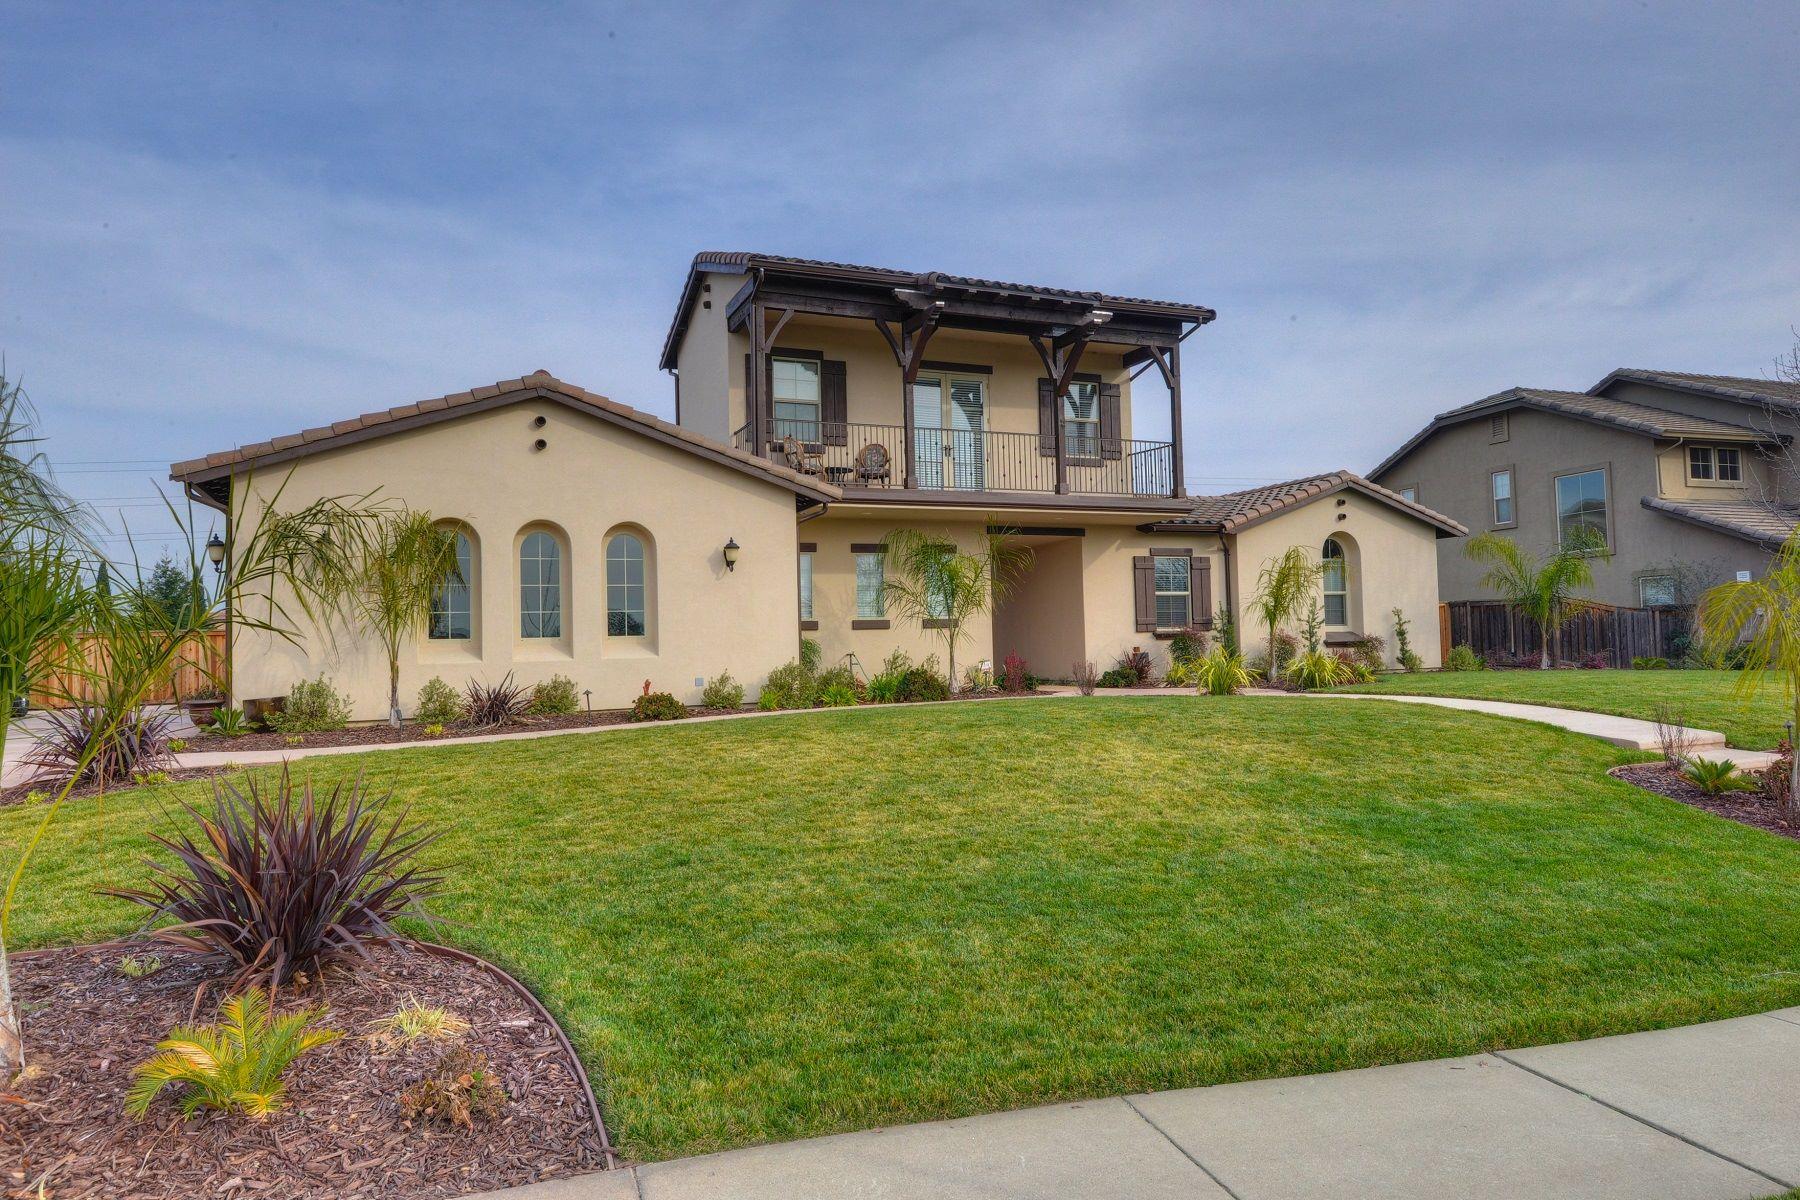 Частный односемейный дом для того Продажа на 8635 Morgan Creek Lane, Roseville, CA 95747 Roseville, Калифорния 95747 Соединенные Штаты